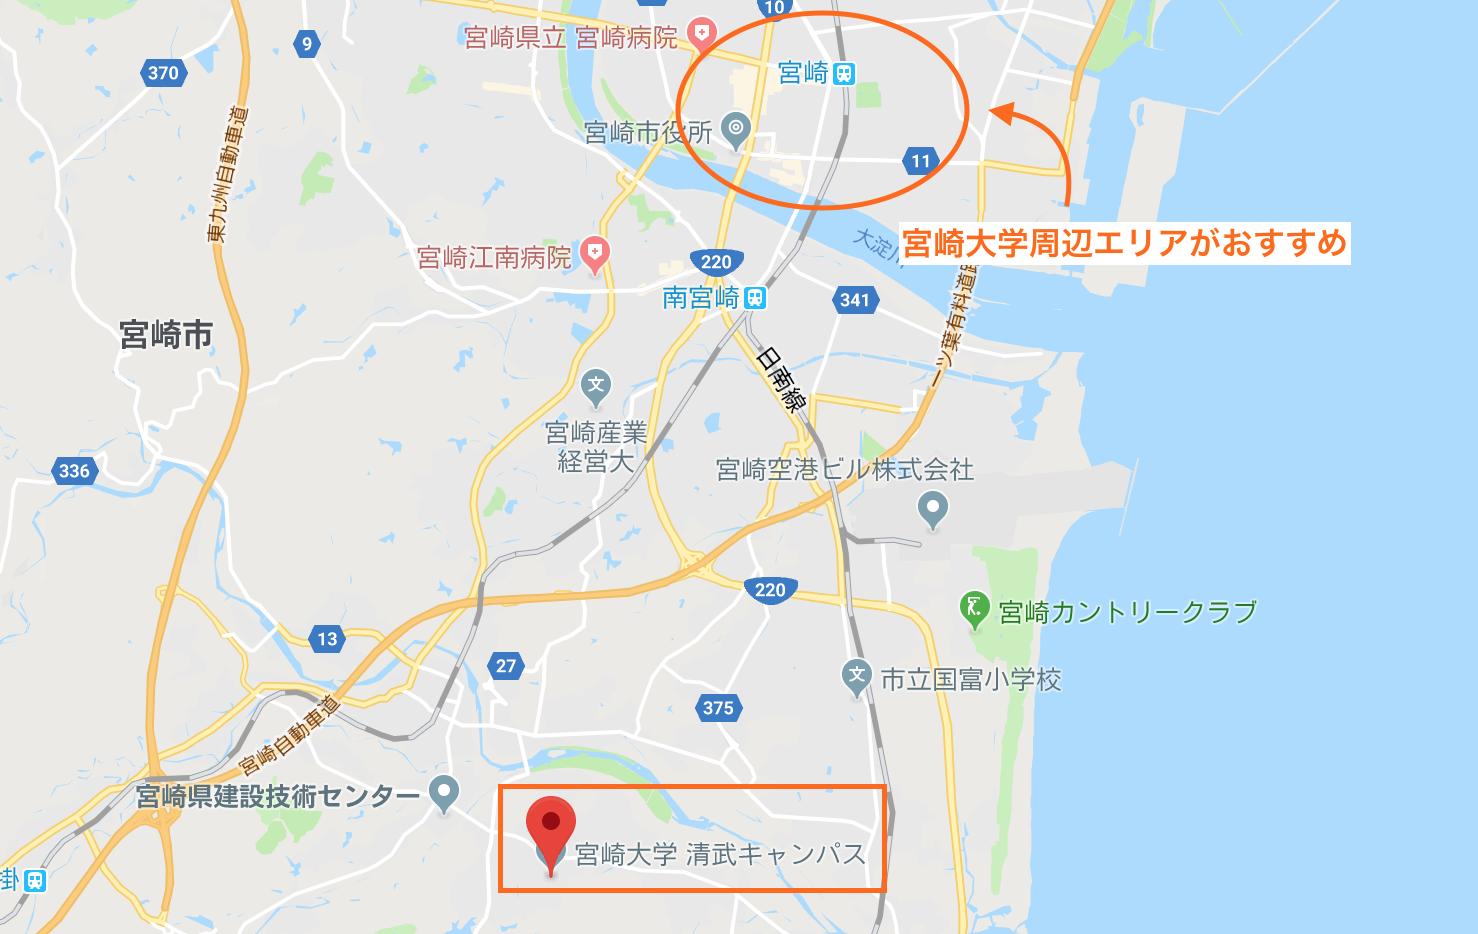 宮崎大学の清武キャンパス周辺の宿泊エリア